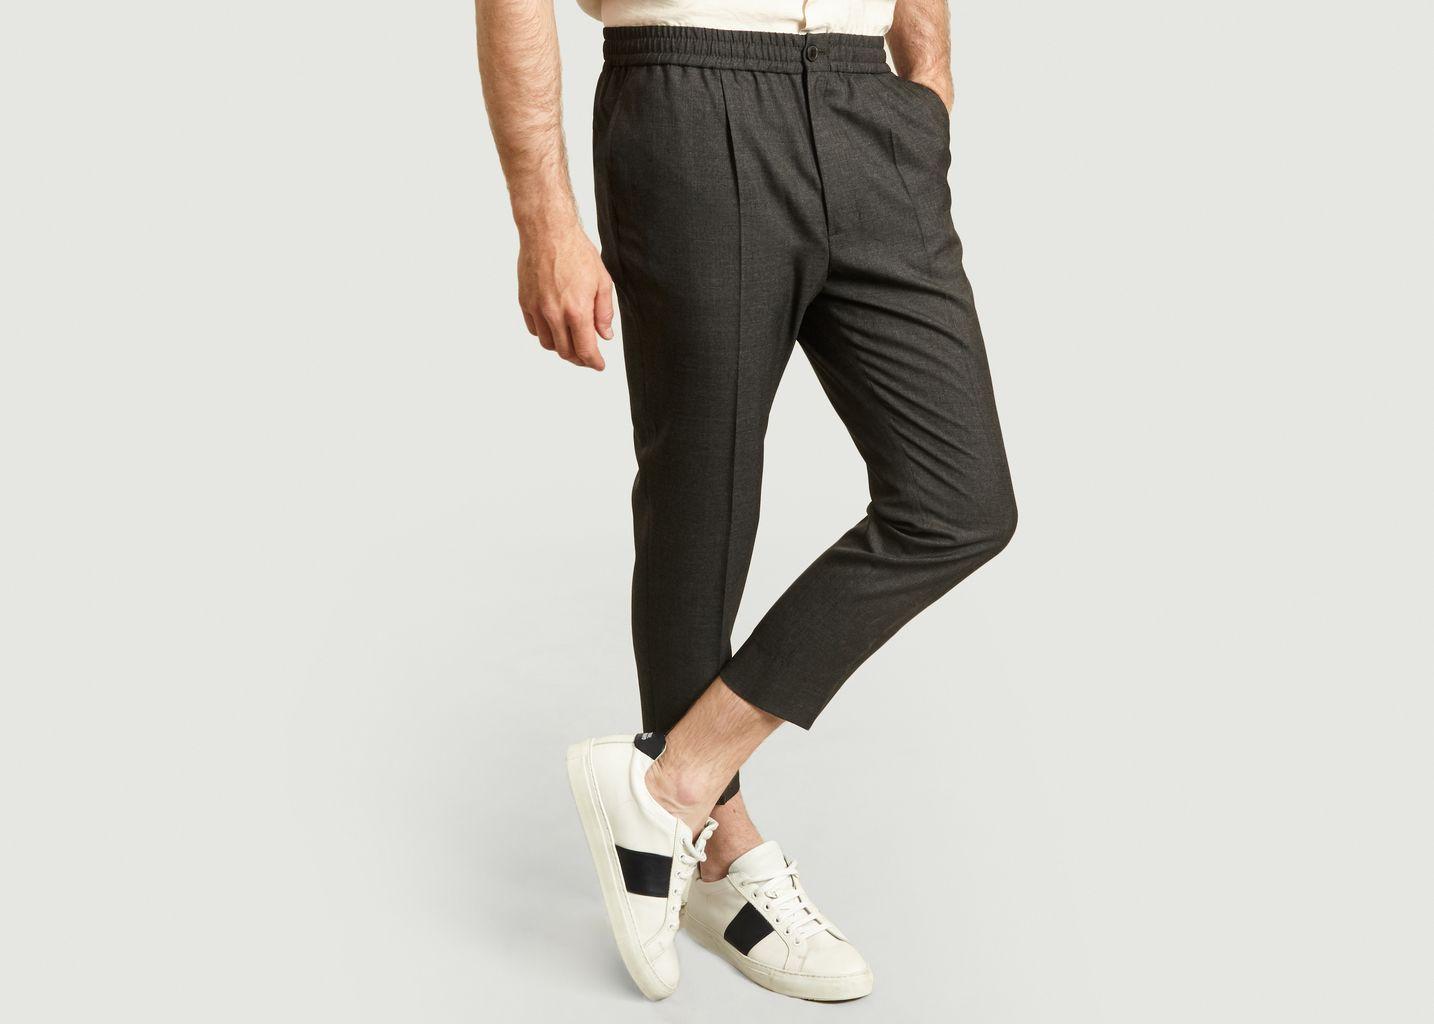 Pantalon droit taille élastique - AMI Paris